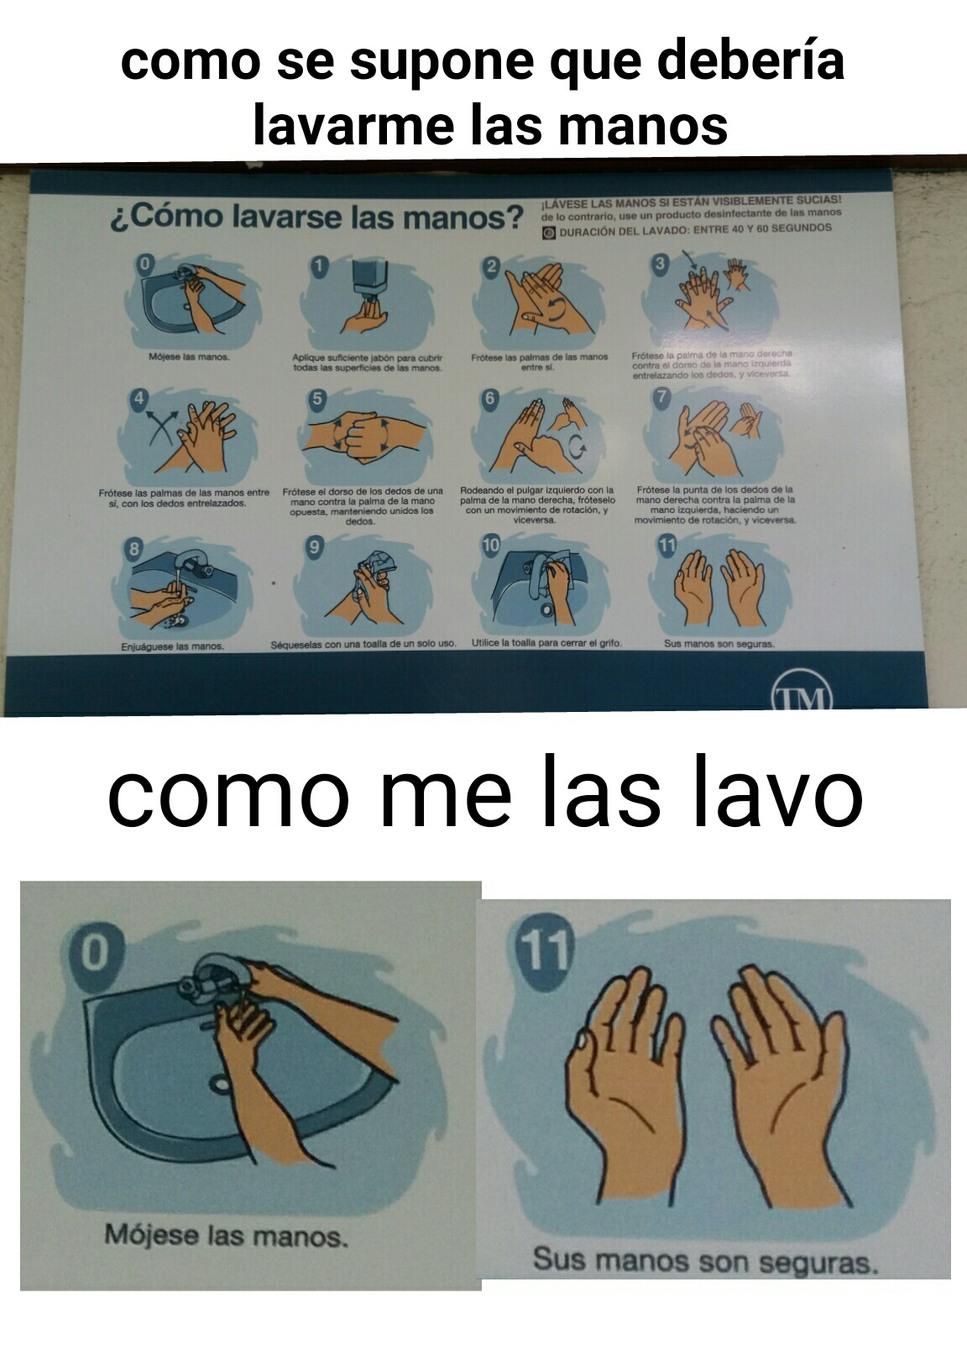 Higiene - meme